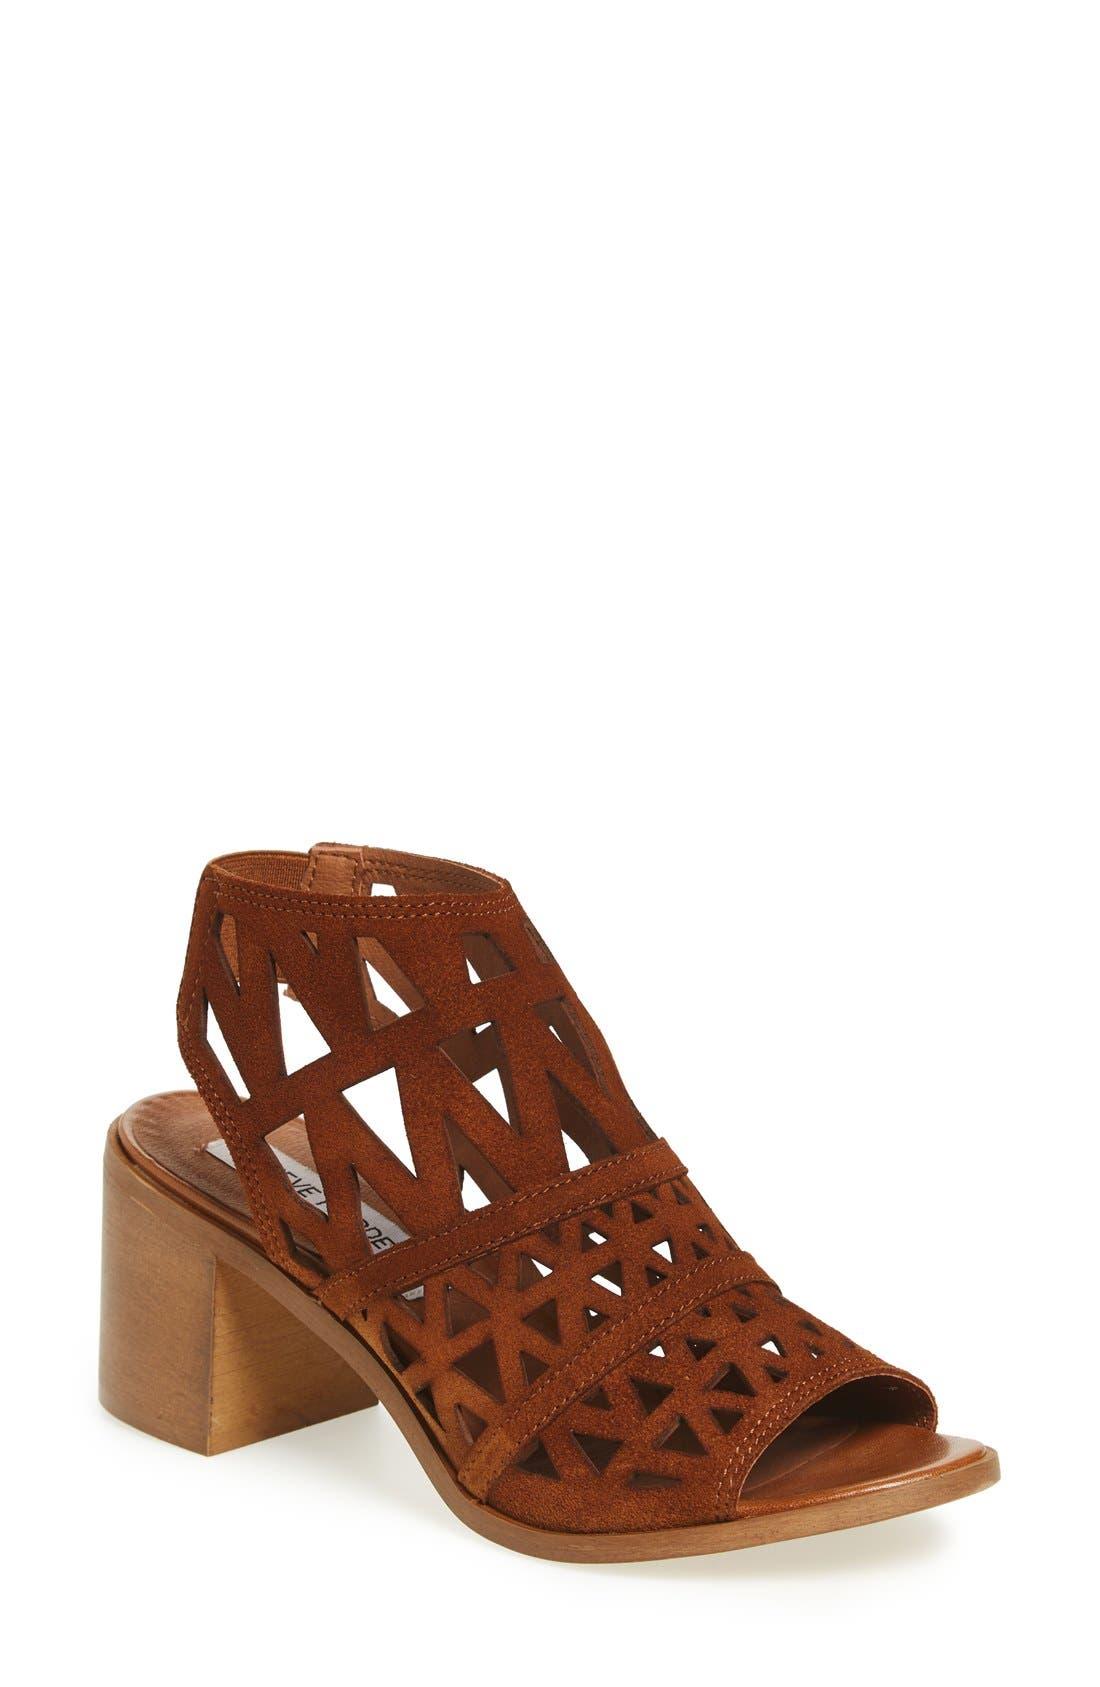 STEVE MADDEN 'Estee' Leather Sandal